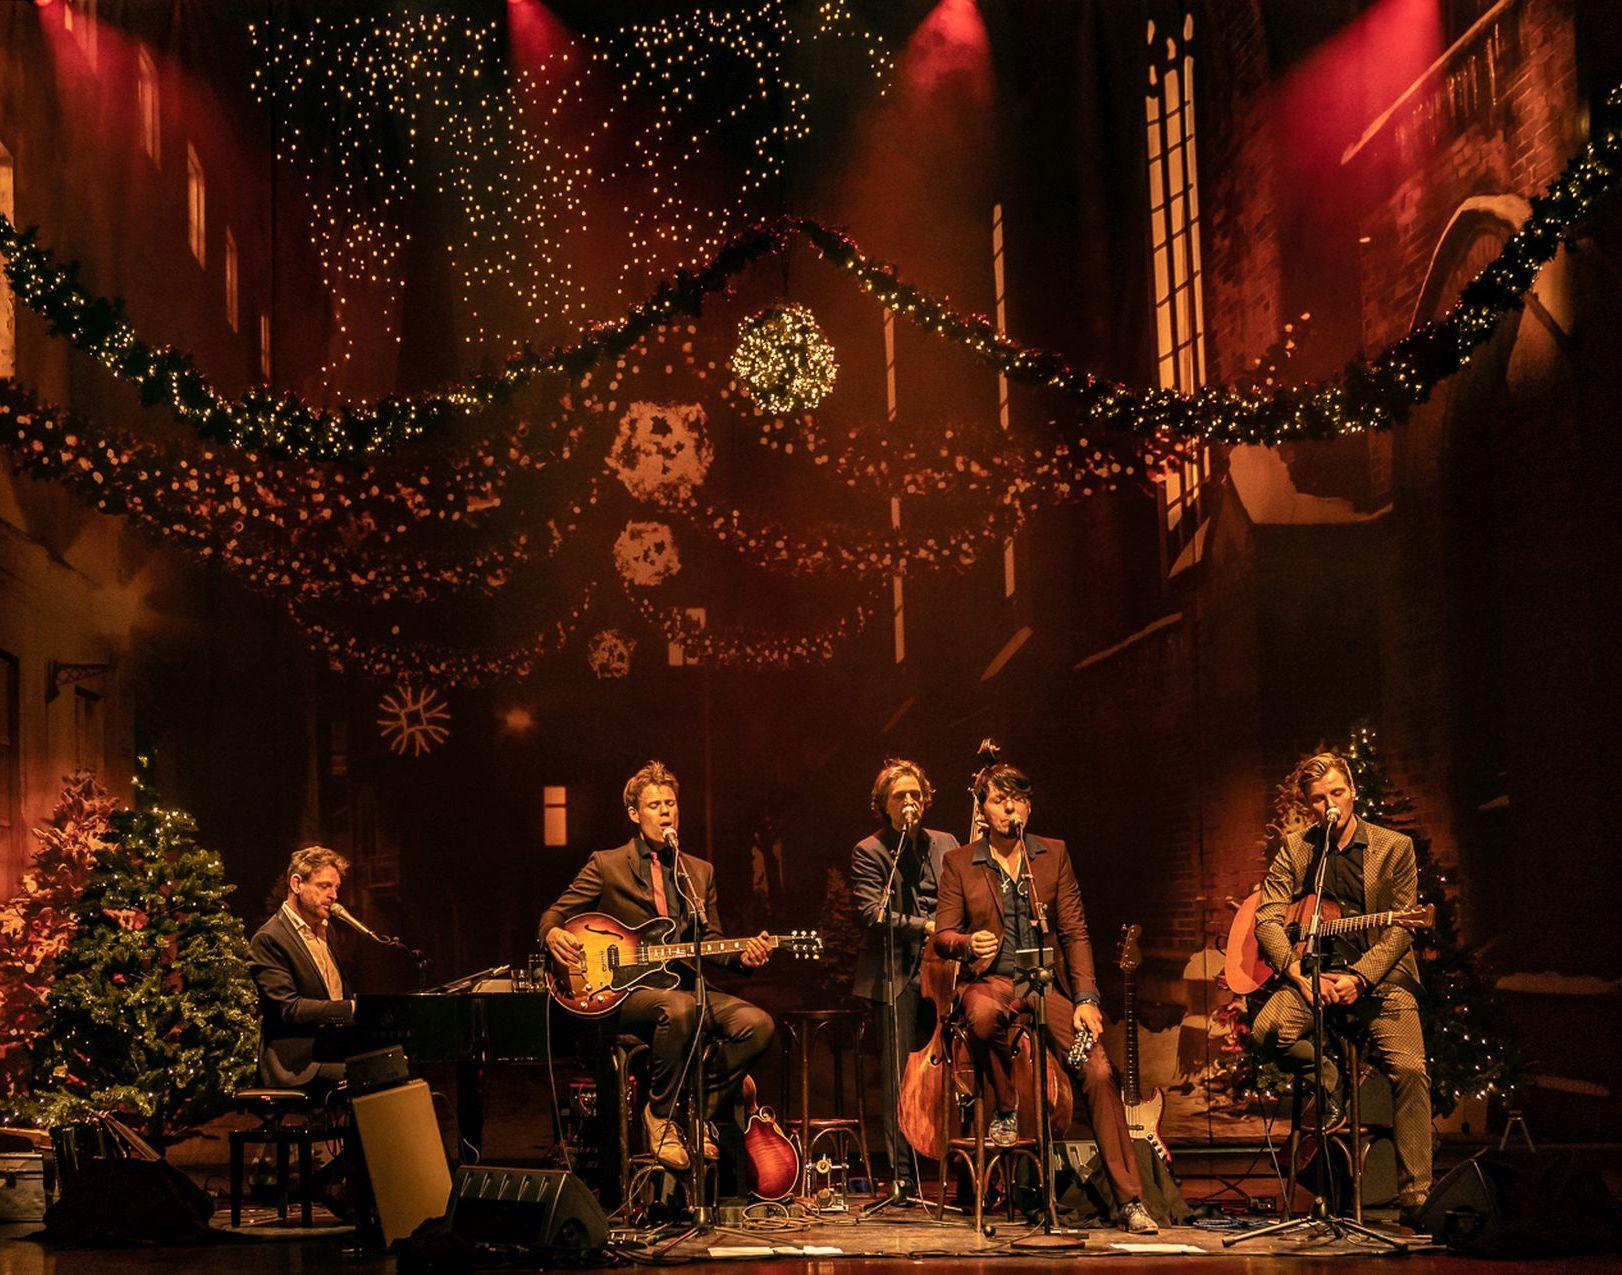 De 3JS staan in de mooiste theatermaand van het jaar op de planken van De Tamboer. Speciaal voor deze editie voegt multi-instrumentalist Emil Szarcowicz zich bij het gezelschap. Na deze Christmas-show bent u pas echt klaar voor de kerst.